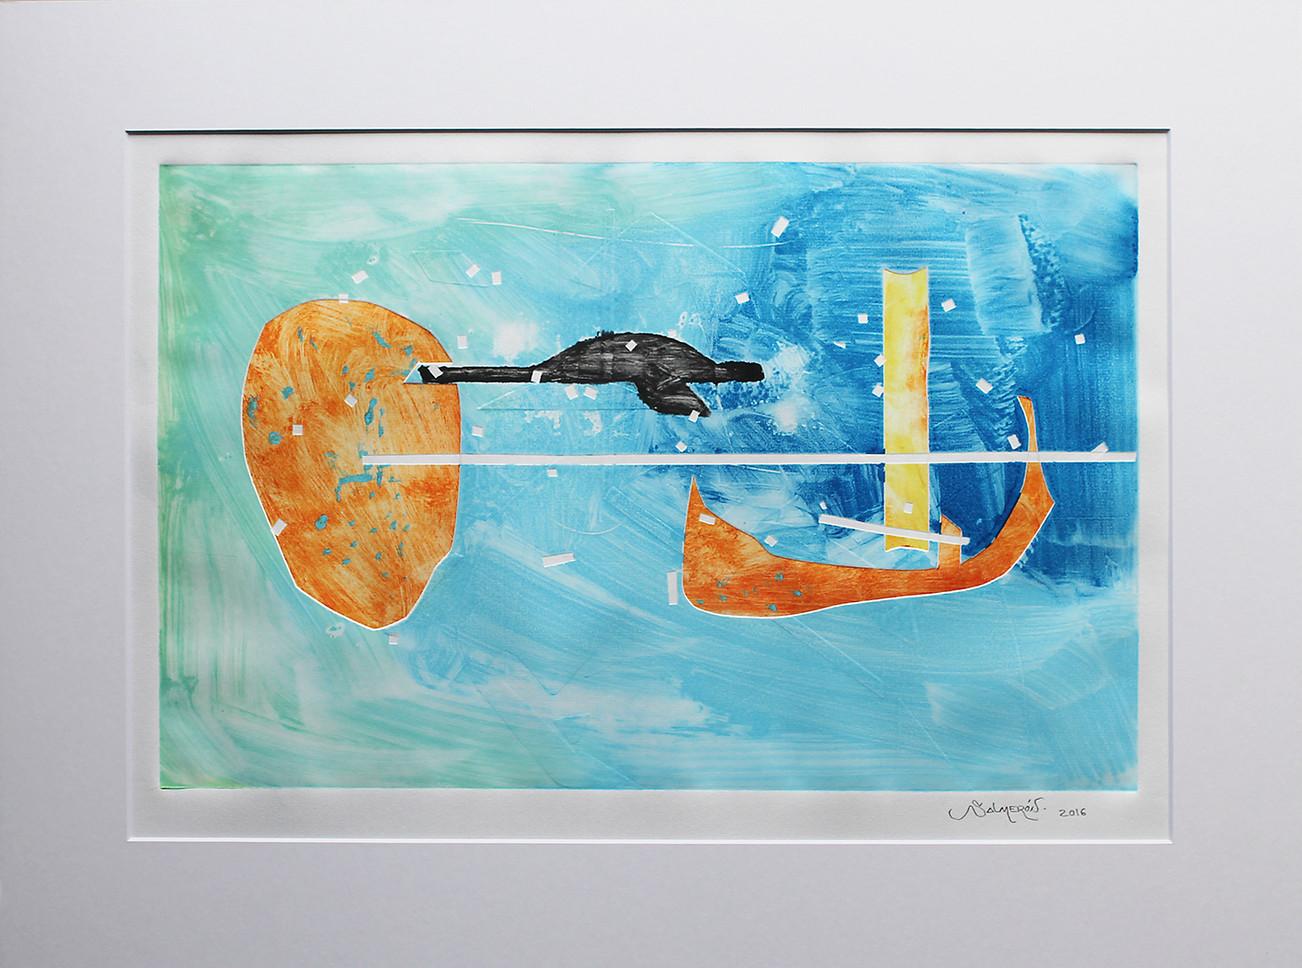 Obra abstracta en papel Nº 19